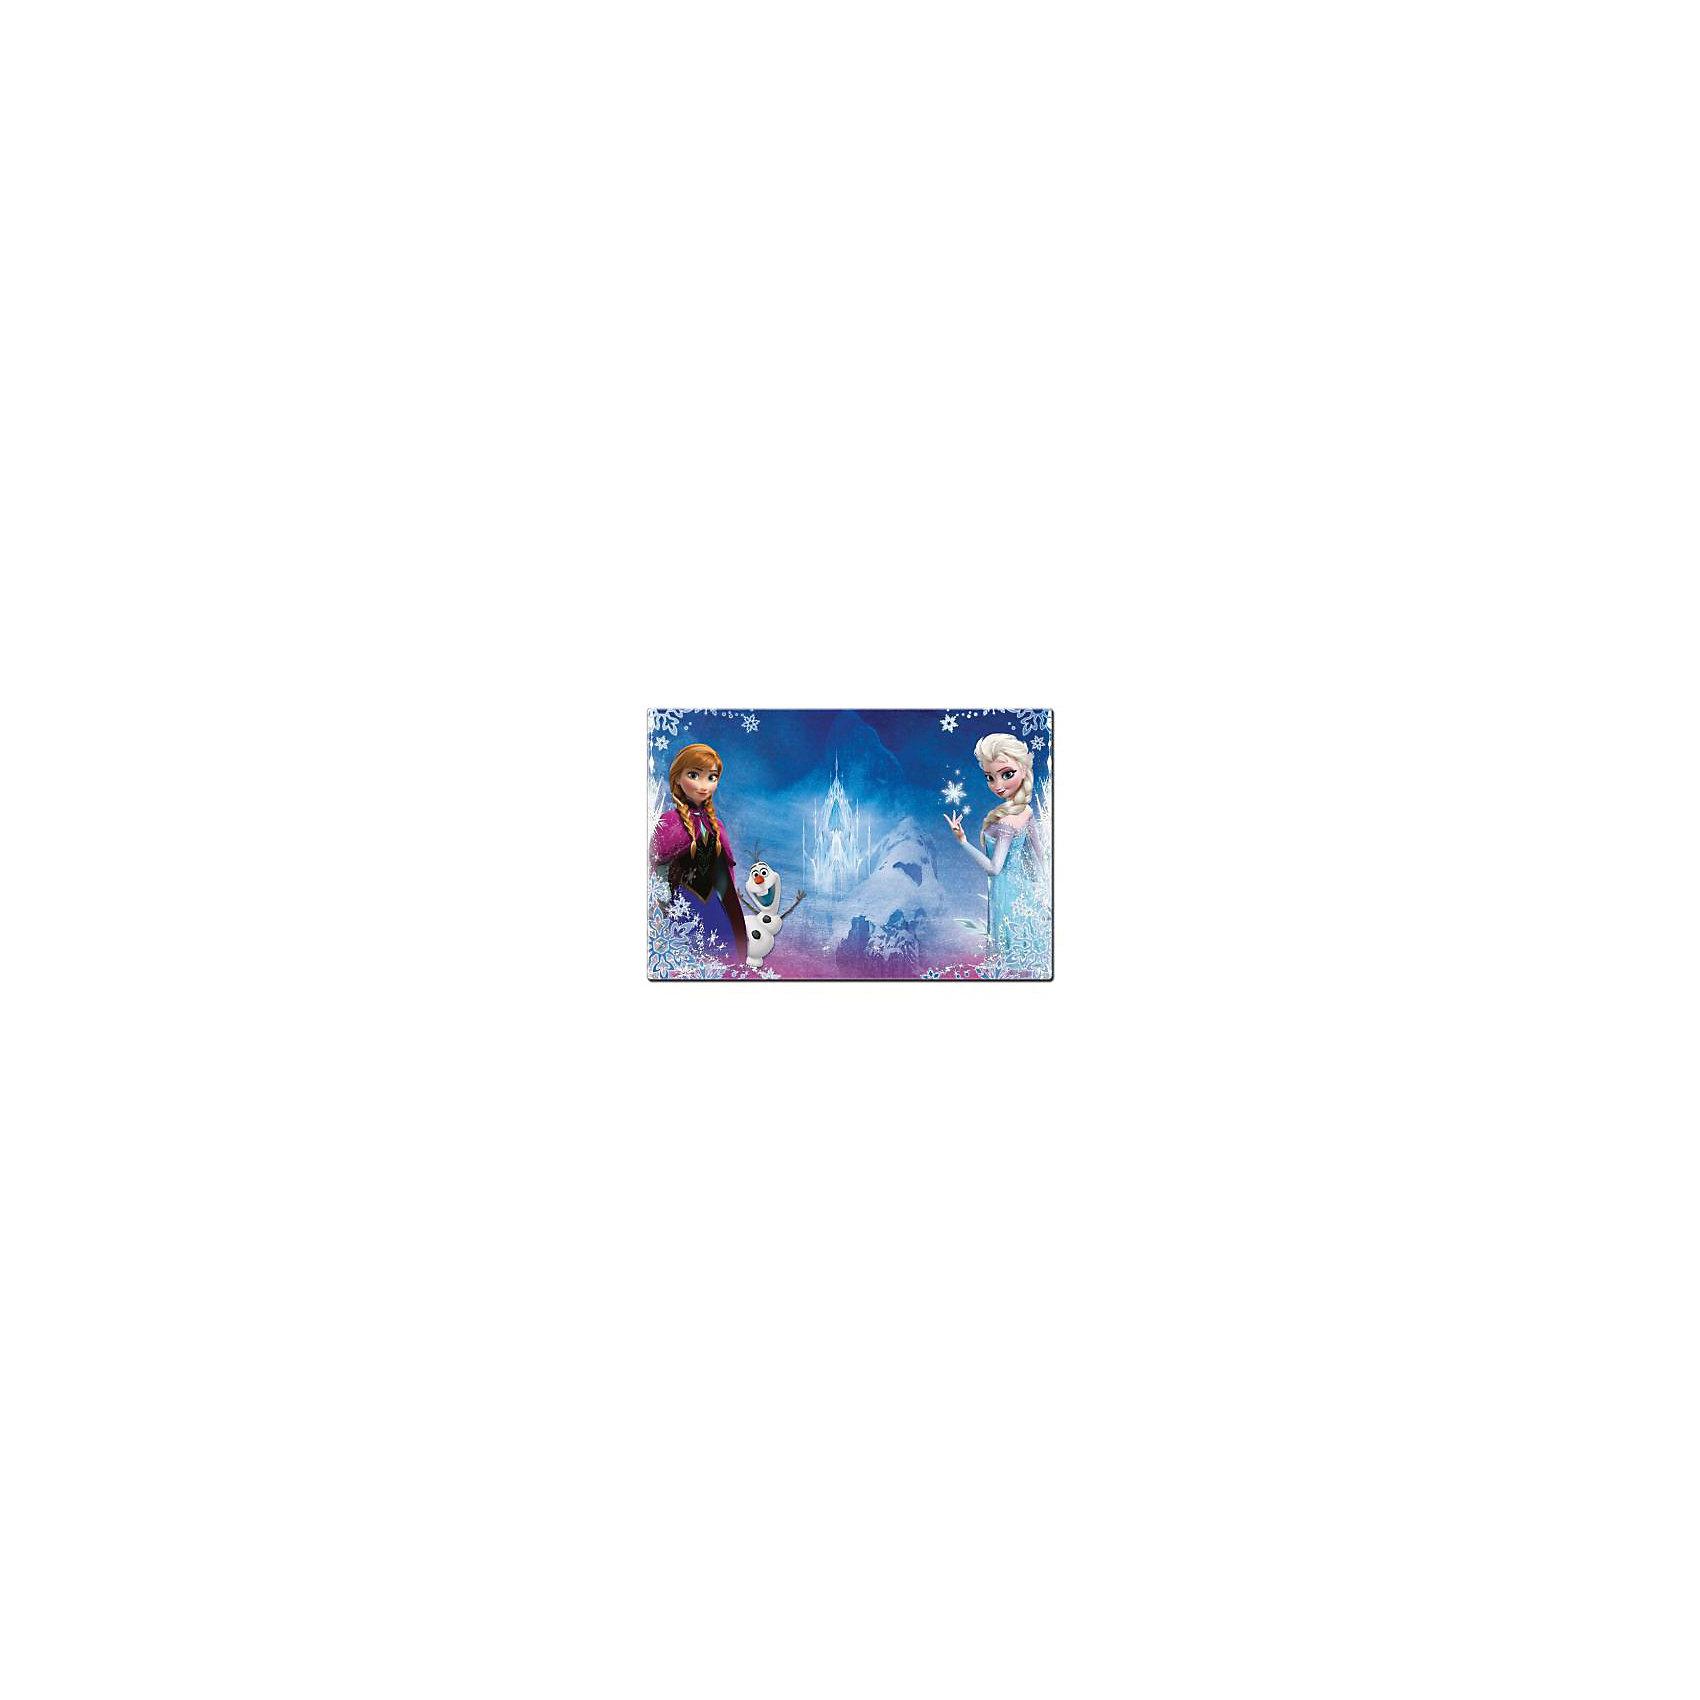 Frozen Подкладка на стол д/лепки и рисования А4 Размер 21 x 30 см.Рисование и лепка<br>Подкладка на стол для занятий творчеством - лепки, рисования; формат А4; предохраняет поверхность стола от повреждений и загрязнений Размер 21 x 30 см.<br><br>Ширина мм: 210<br>Глубина мм: 300<br>Высота мм: 0<br>Вес г: 24<br>Возраст от месяцев: 60<br>Возраст до месяцев: 84<br>Пол: Женский<br>Возраст: Детский<br>SKU: 6892462